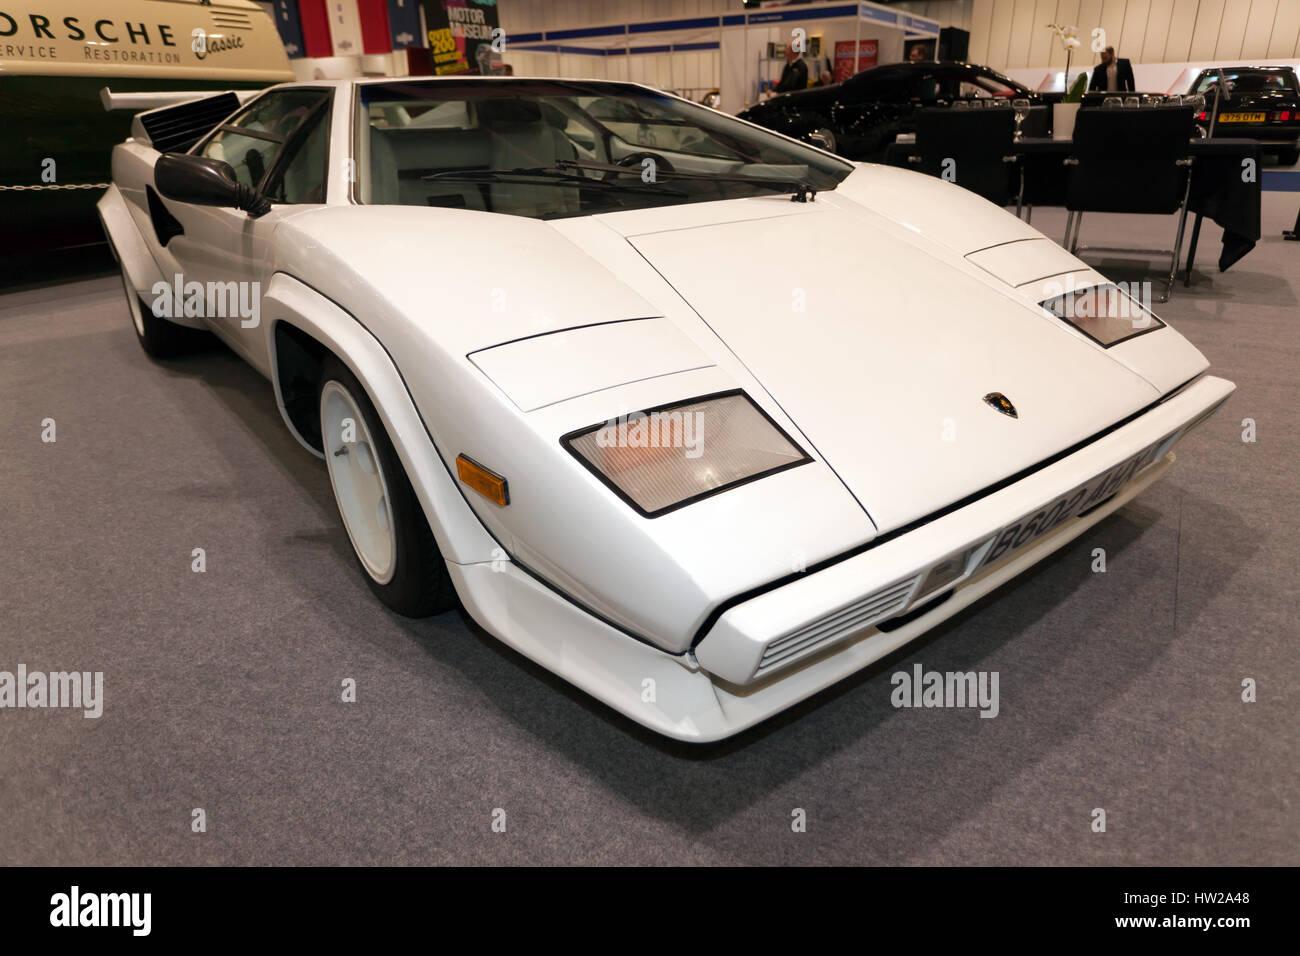 White Lamborghini Stock Photos Amp White Lamborghini Stock